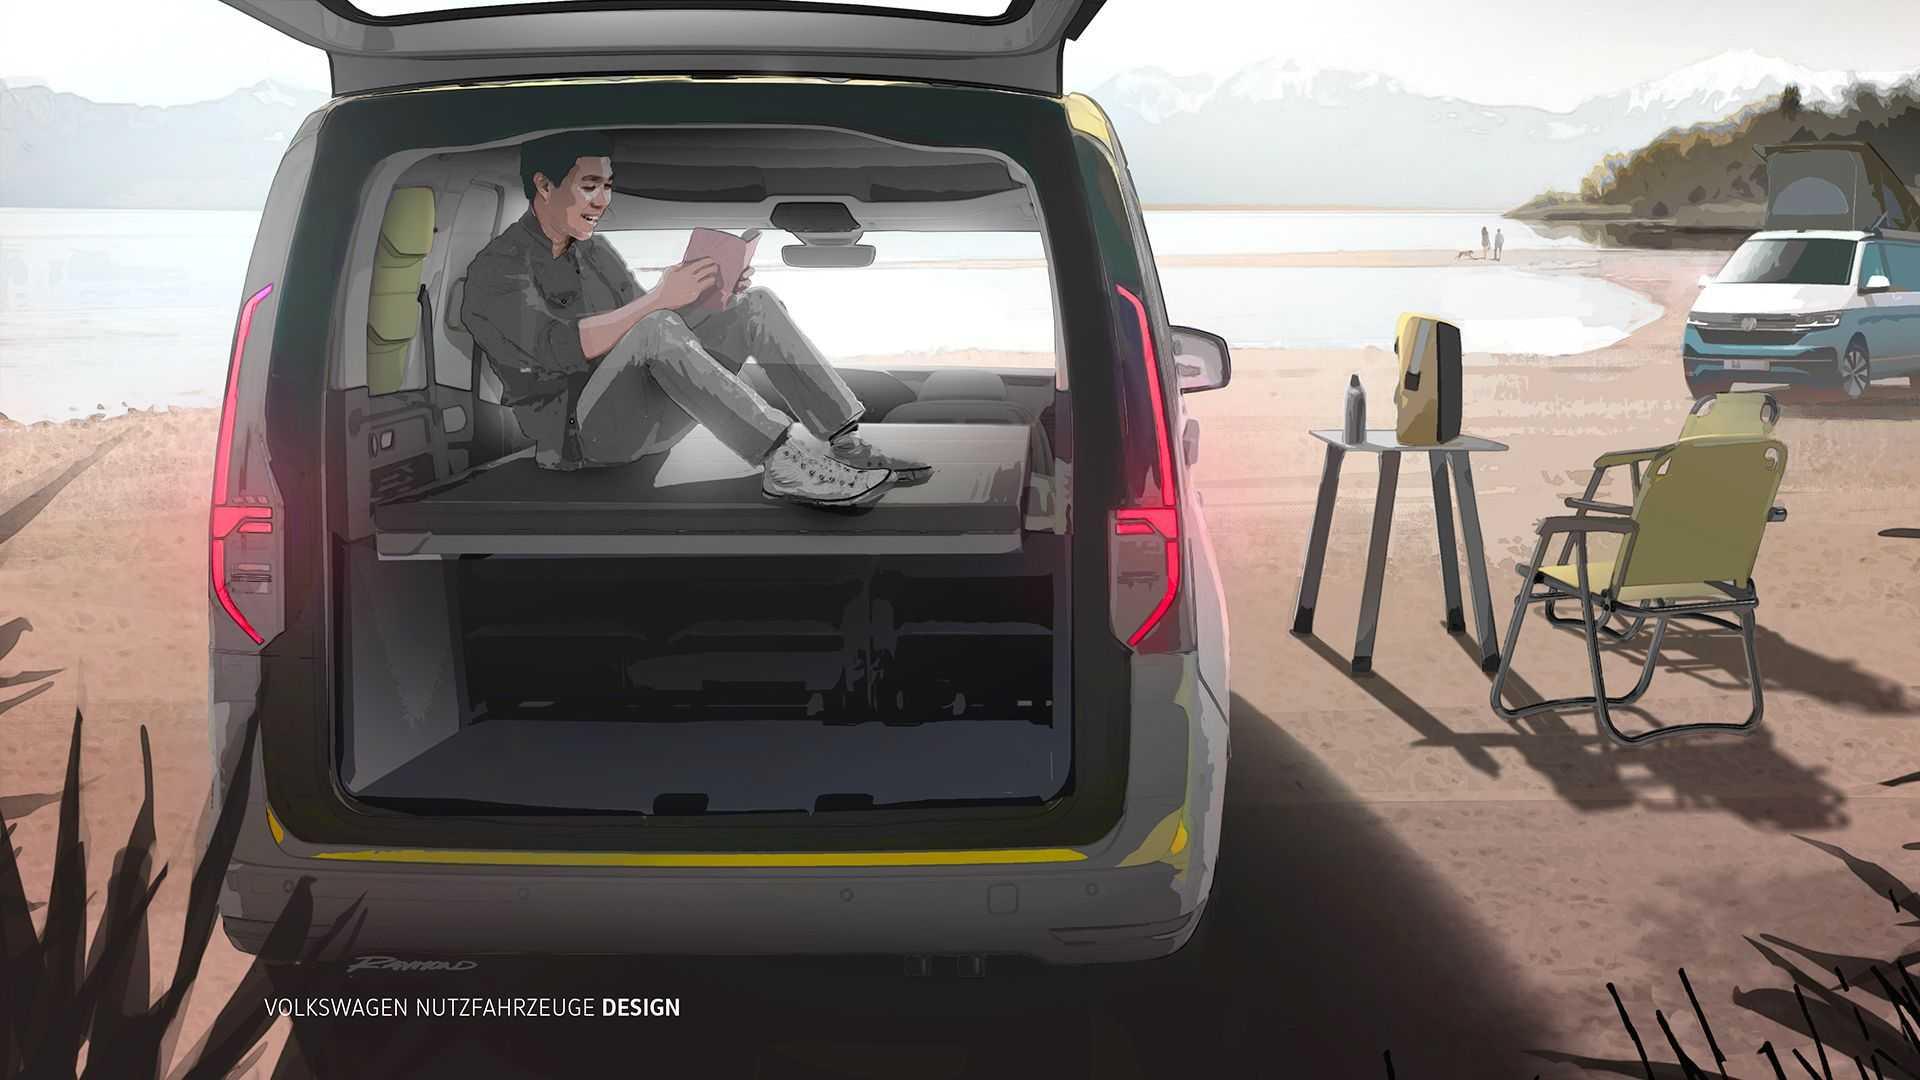 Najavljen je potpuno novi Volkswagen Caddy Mini-Camper, a dolazi već na jesen